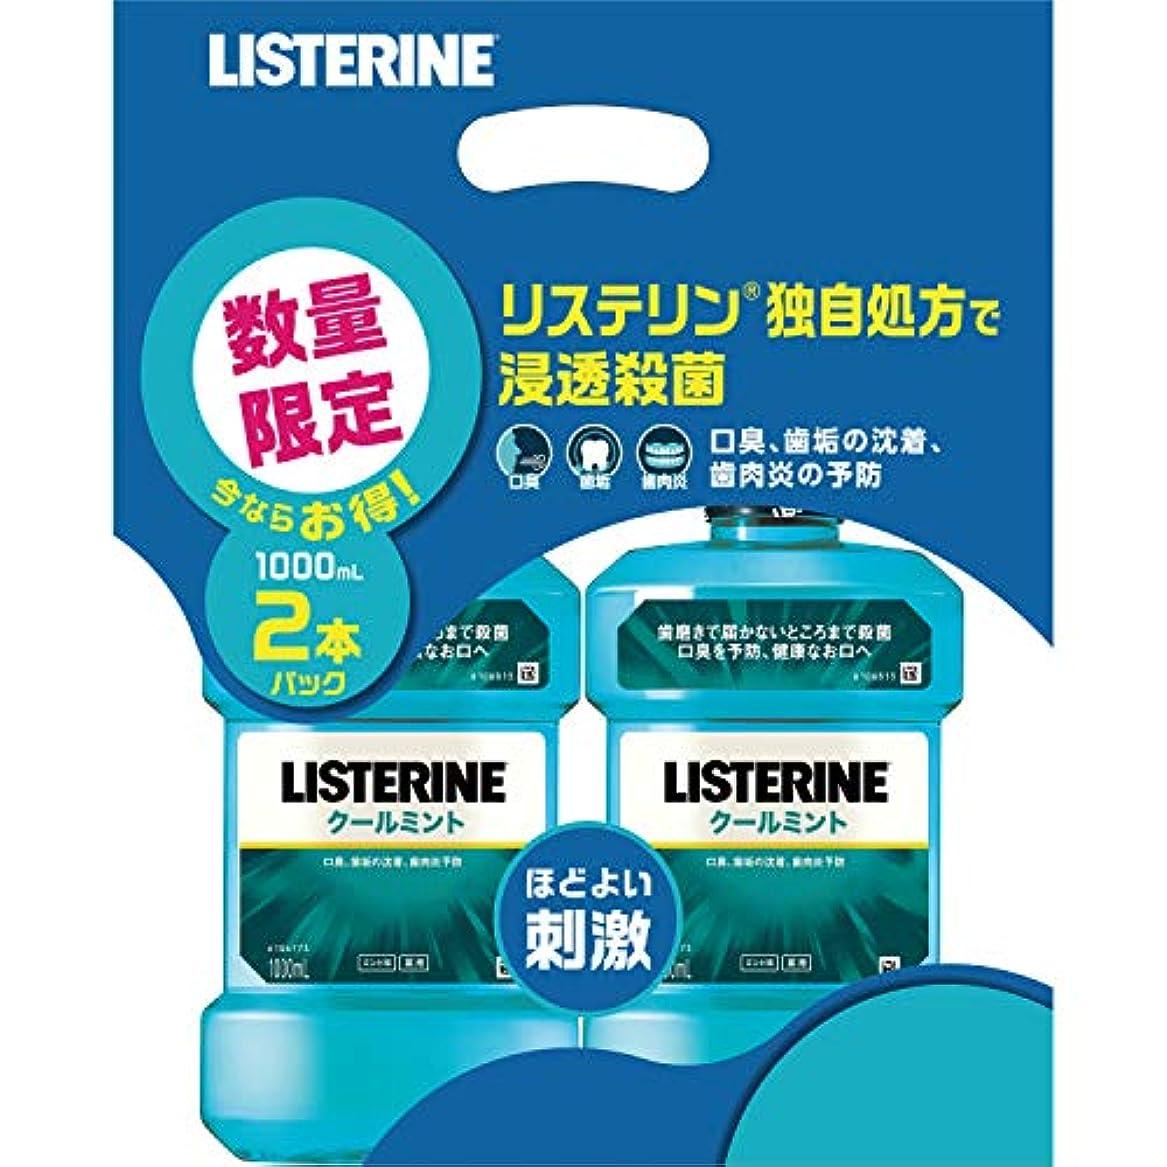 発行バイパスビリーLISTERINE(リステリン) 薬用 リステリン クールミント マウスウォッシュ ミント味 【まとめ買い】 1000mL×2個